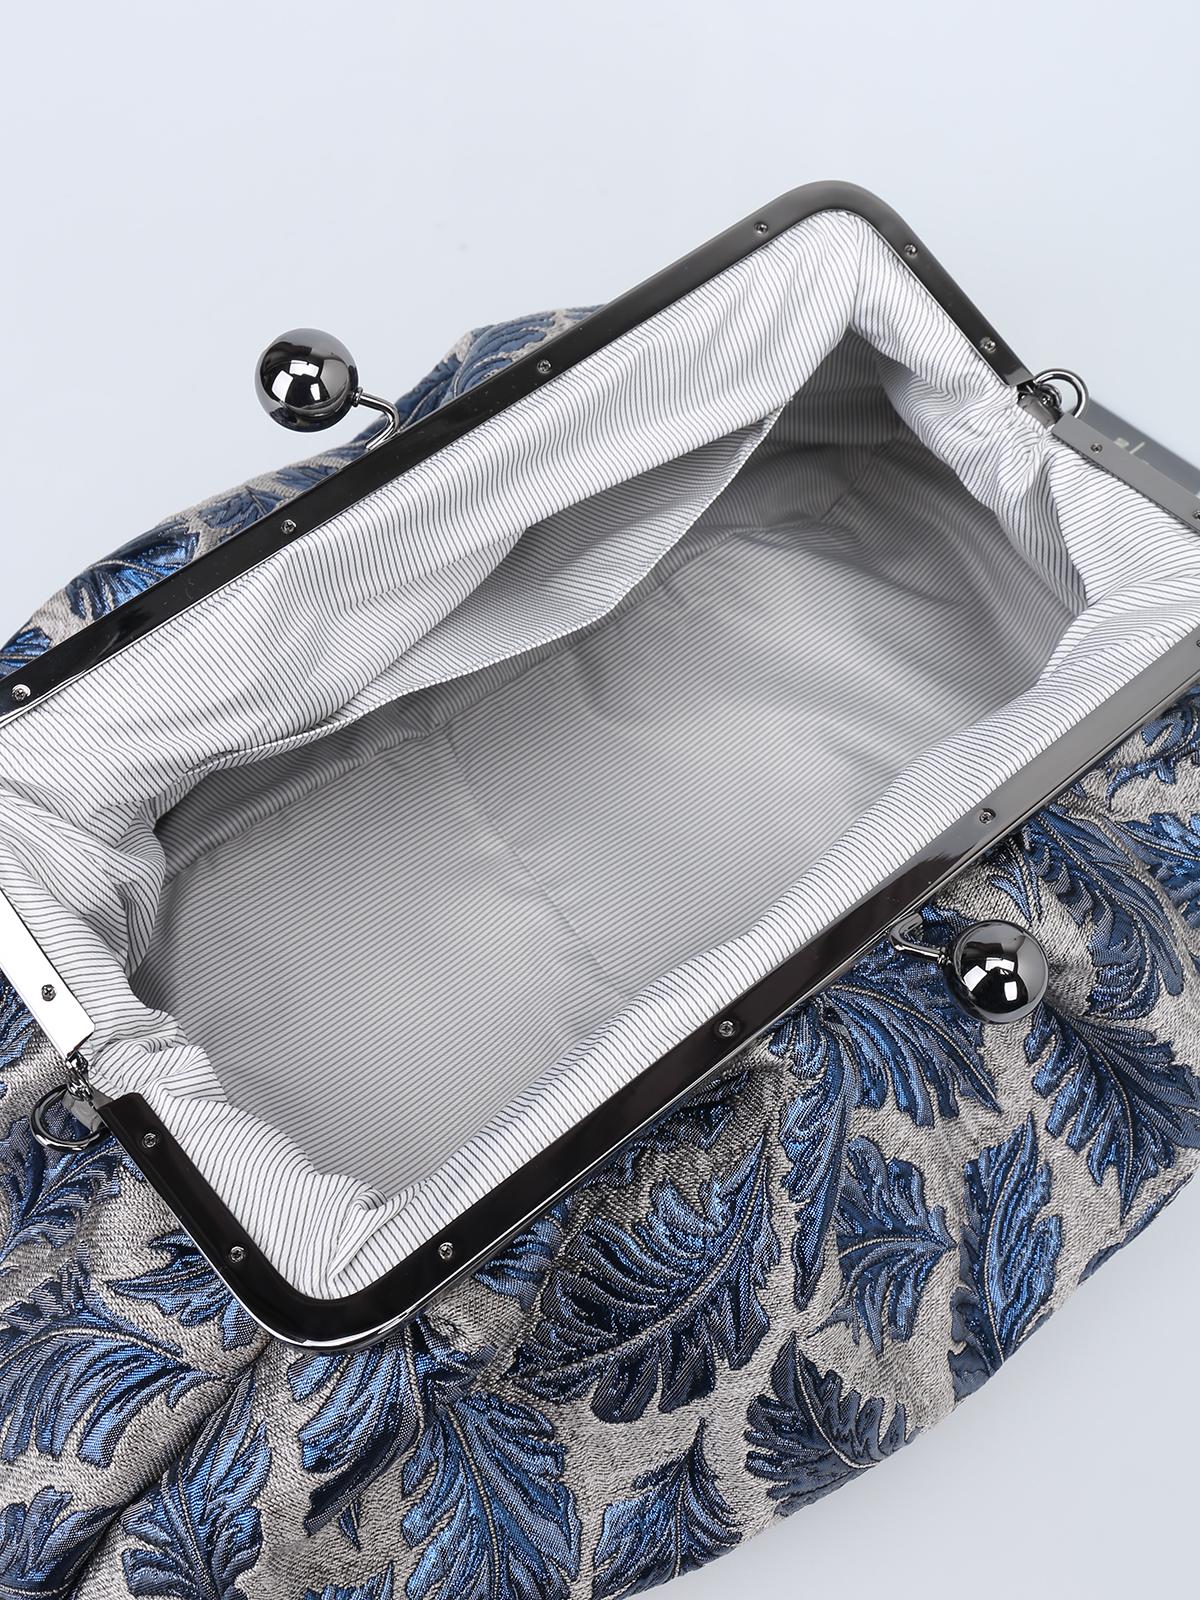 Max Mara - Pasticcino Bag Maxi in jacquard argento e blu - pochette ... e111877092b